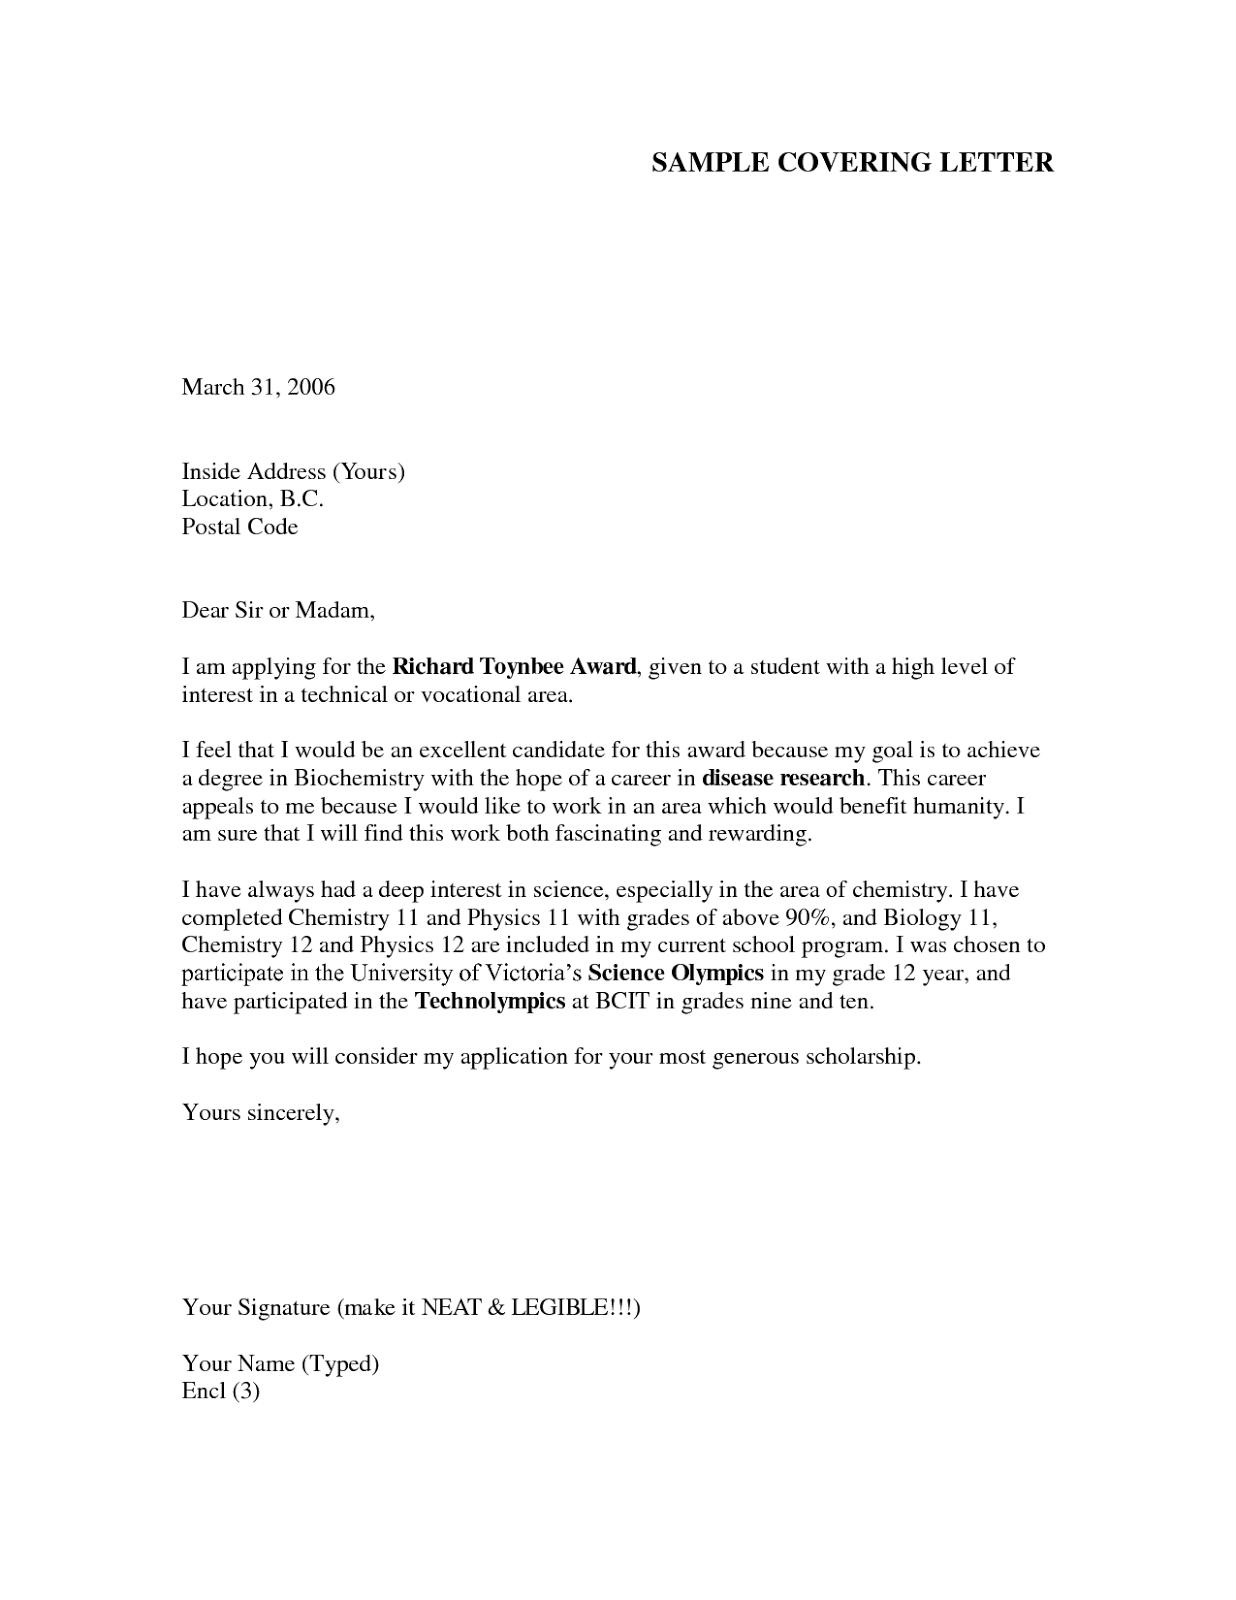 job application letter sample 6